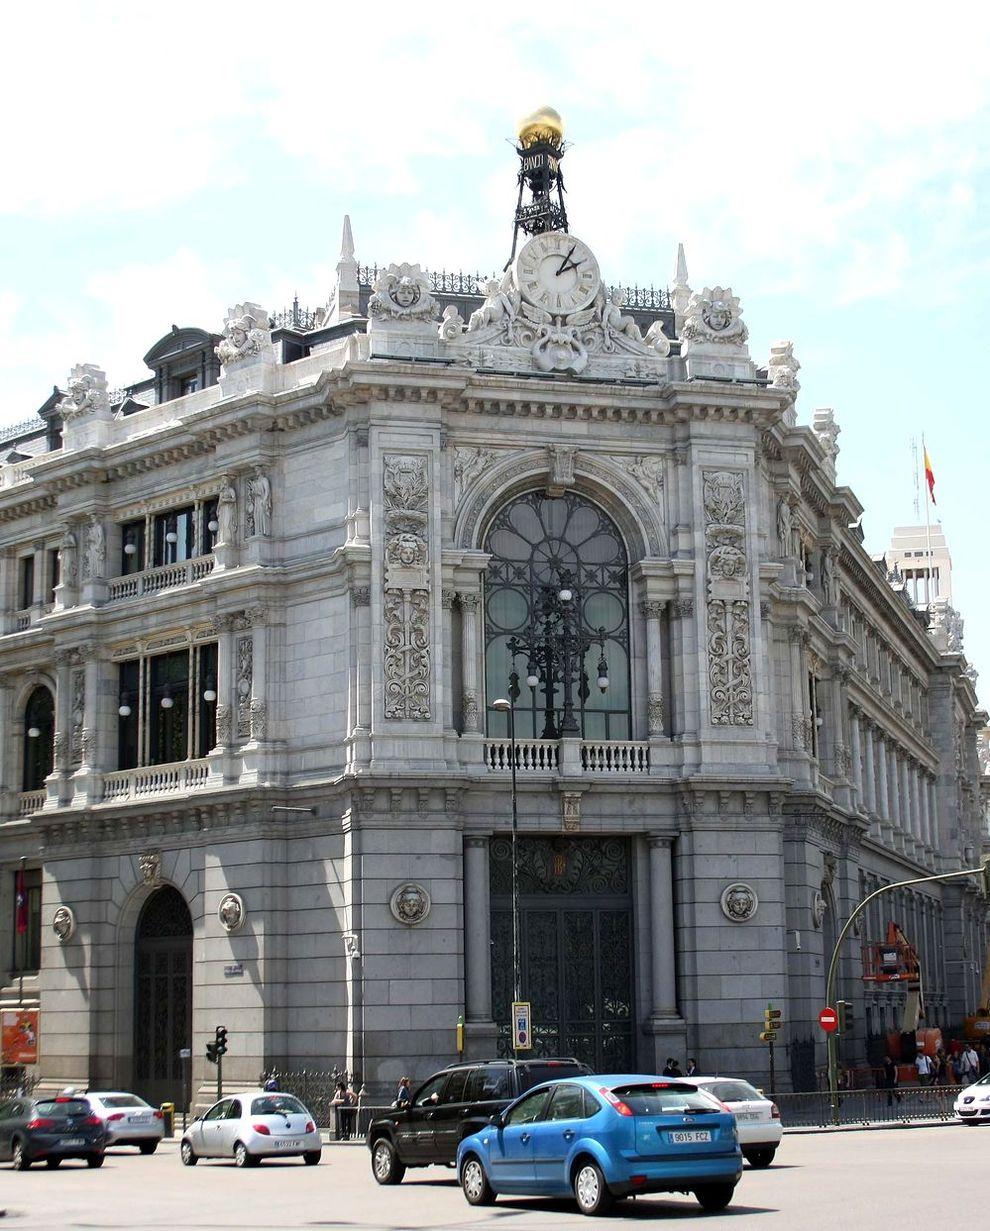 El banco de espa a propone contratos inferiores al smi for Banco exterior empleo